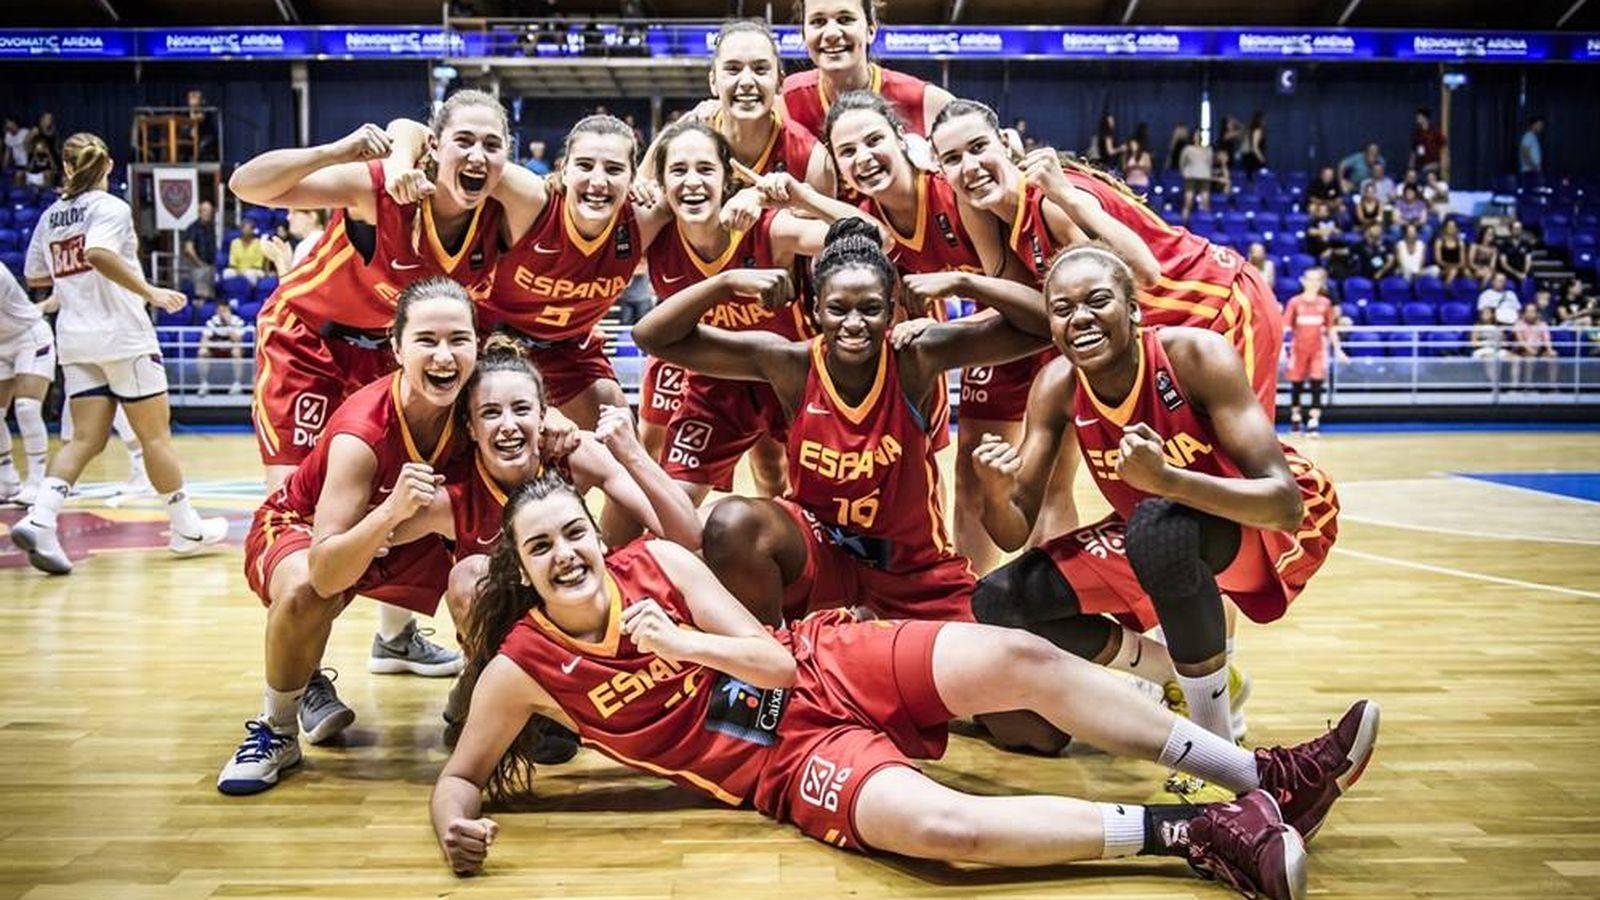 Foto: En la imagen, el equipo que ganó este verano el oro en el Campeonato de Europa sub-20. (FEB)